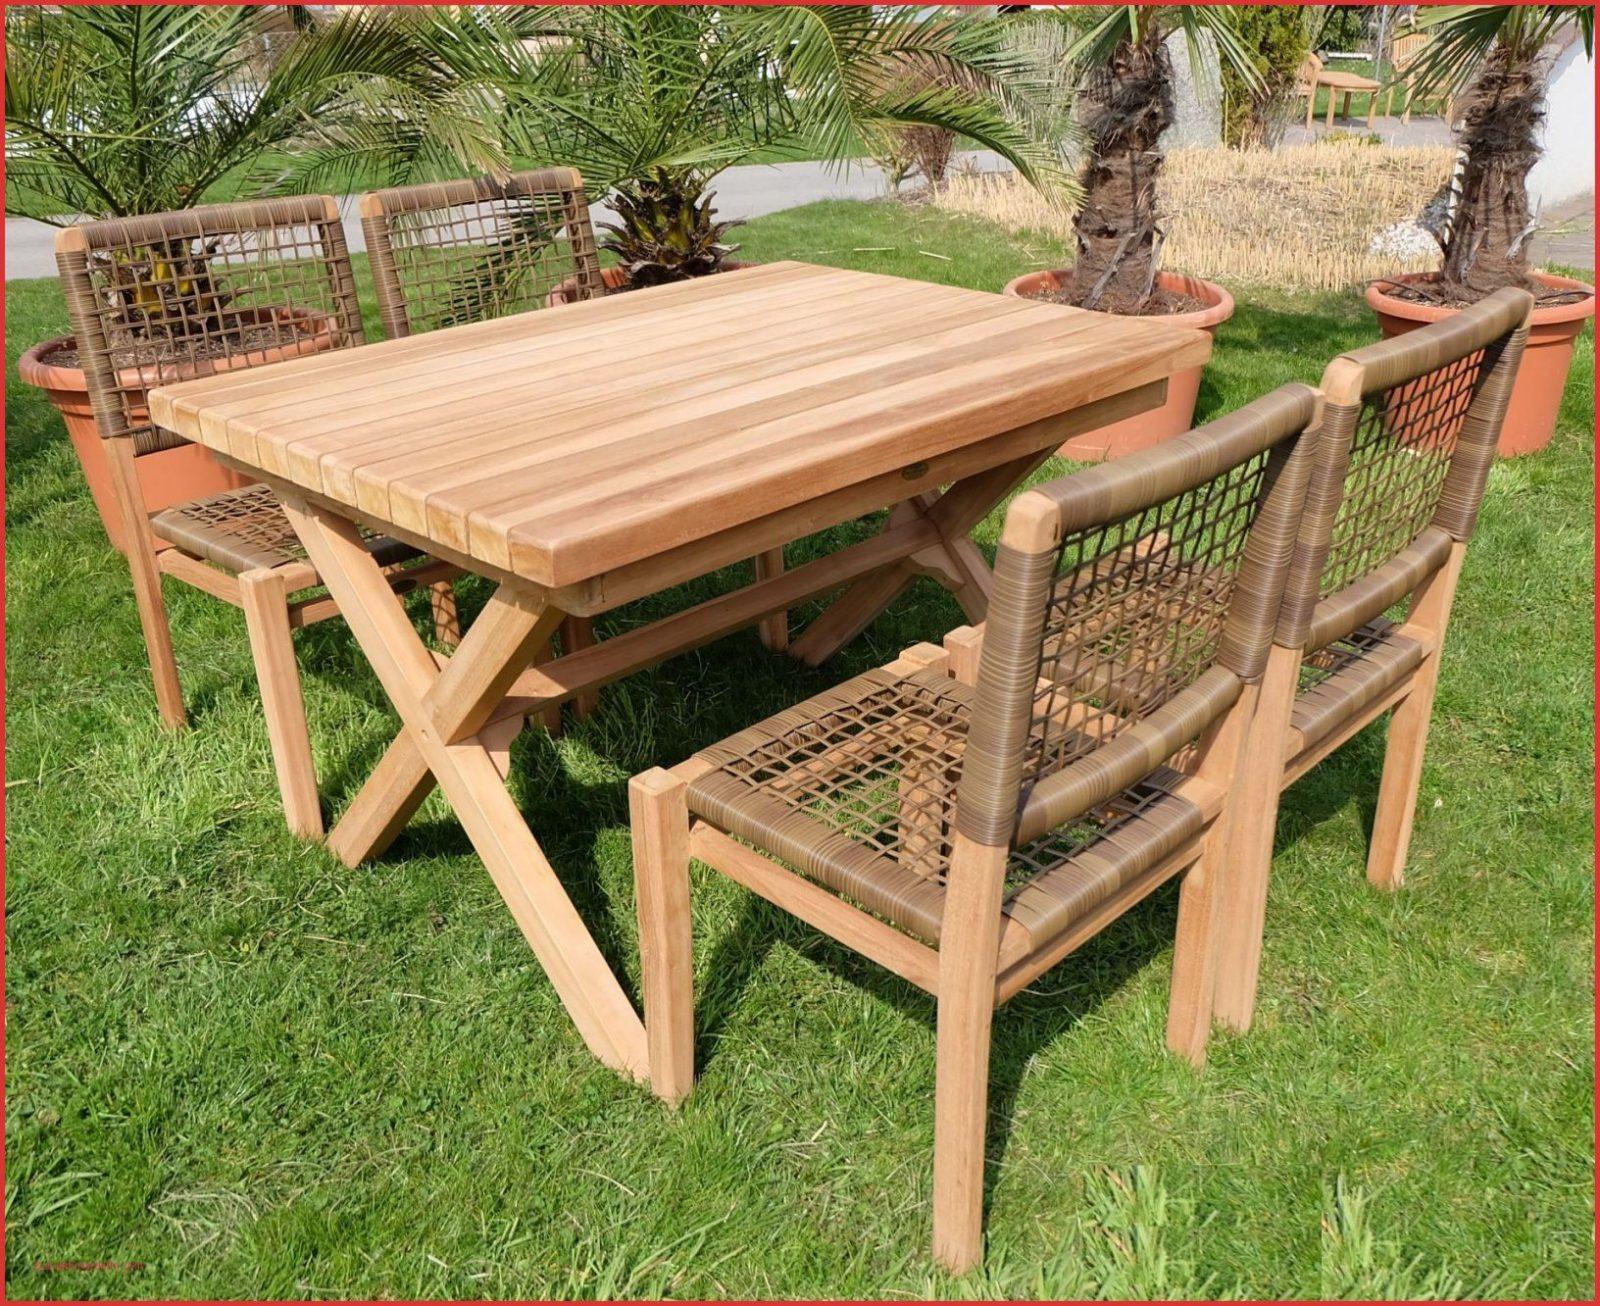 Rustikale Gartenmöbel Aus Polen Inspirierend Gartenmöbel Massivholz von Rustikale Gartenmöbel Aus Polen Bild